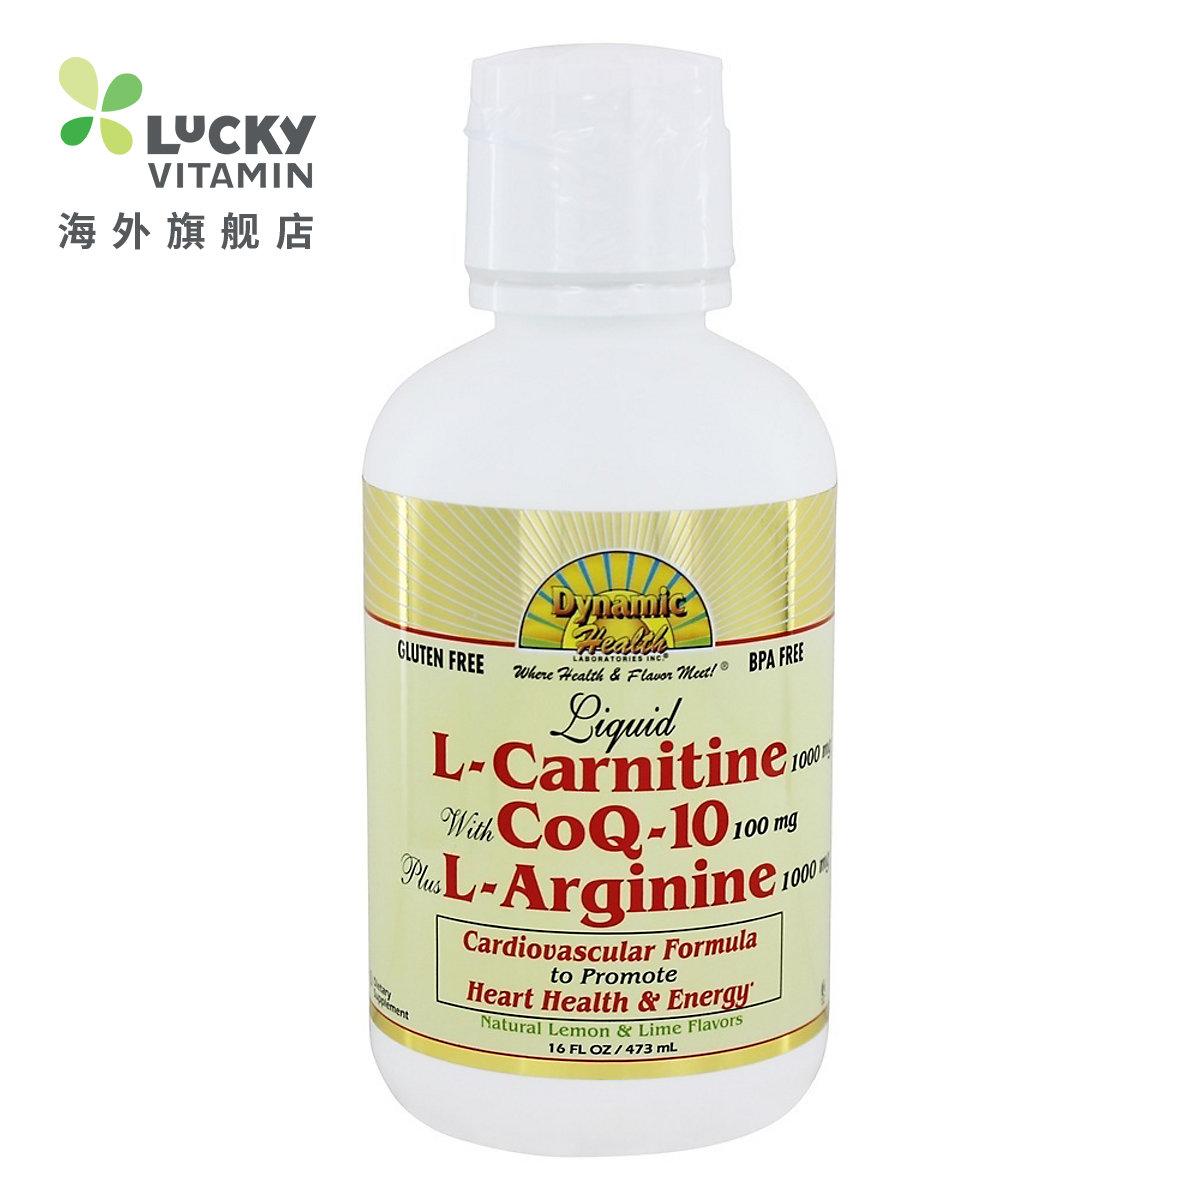 Dynamic Health - 液体左旋肉碱,含辅酶Q10 454g